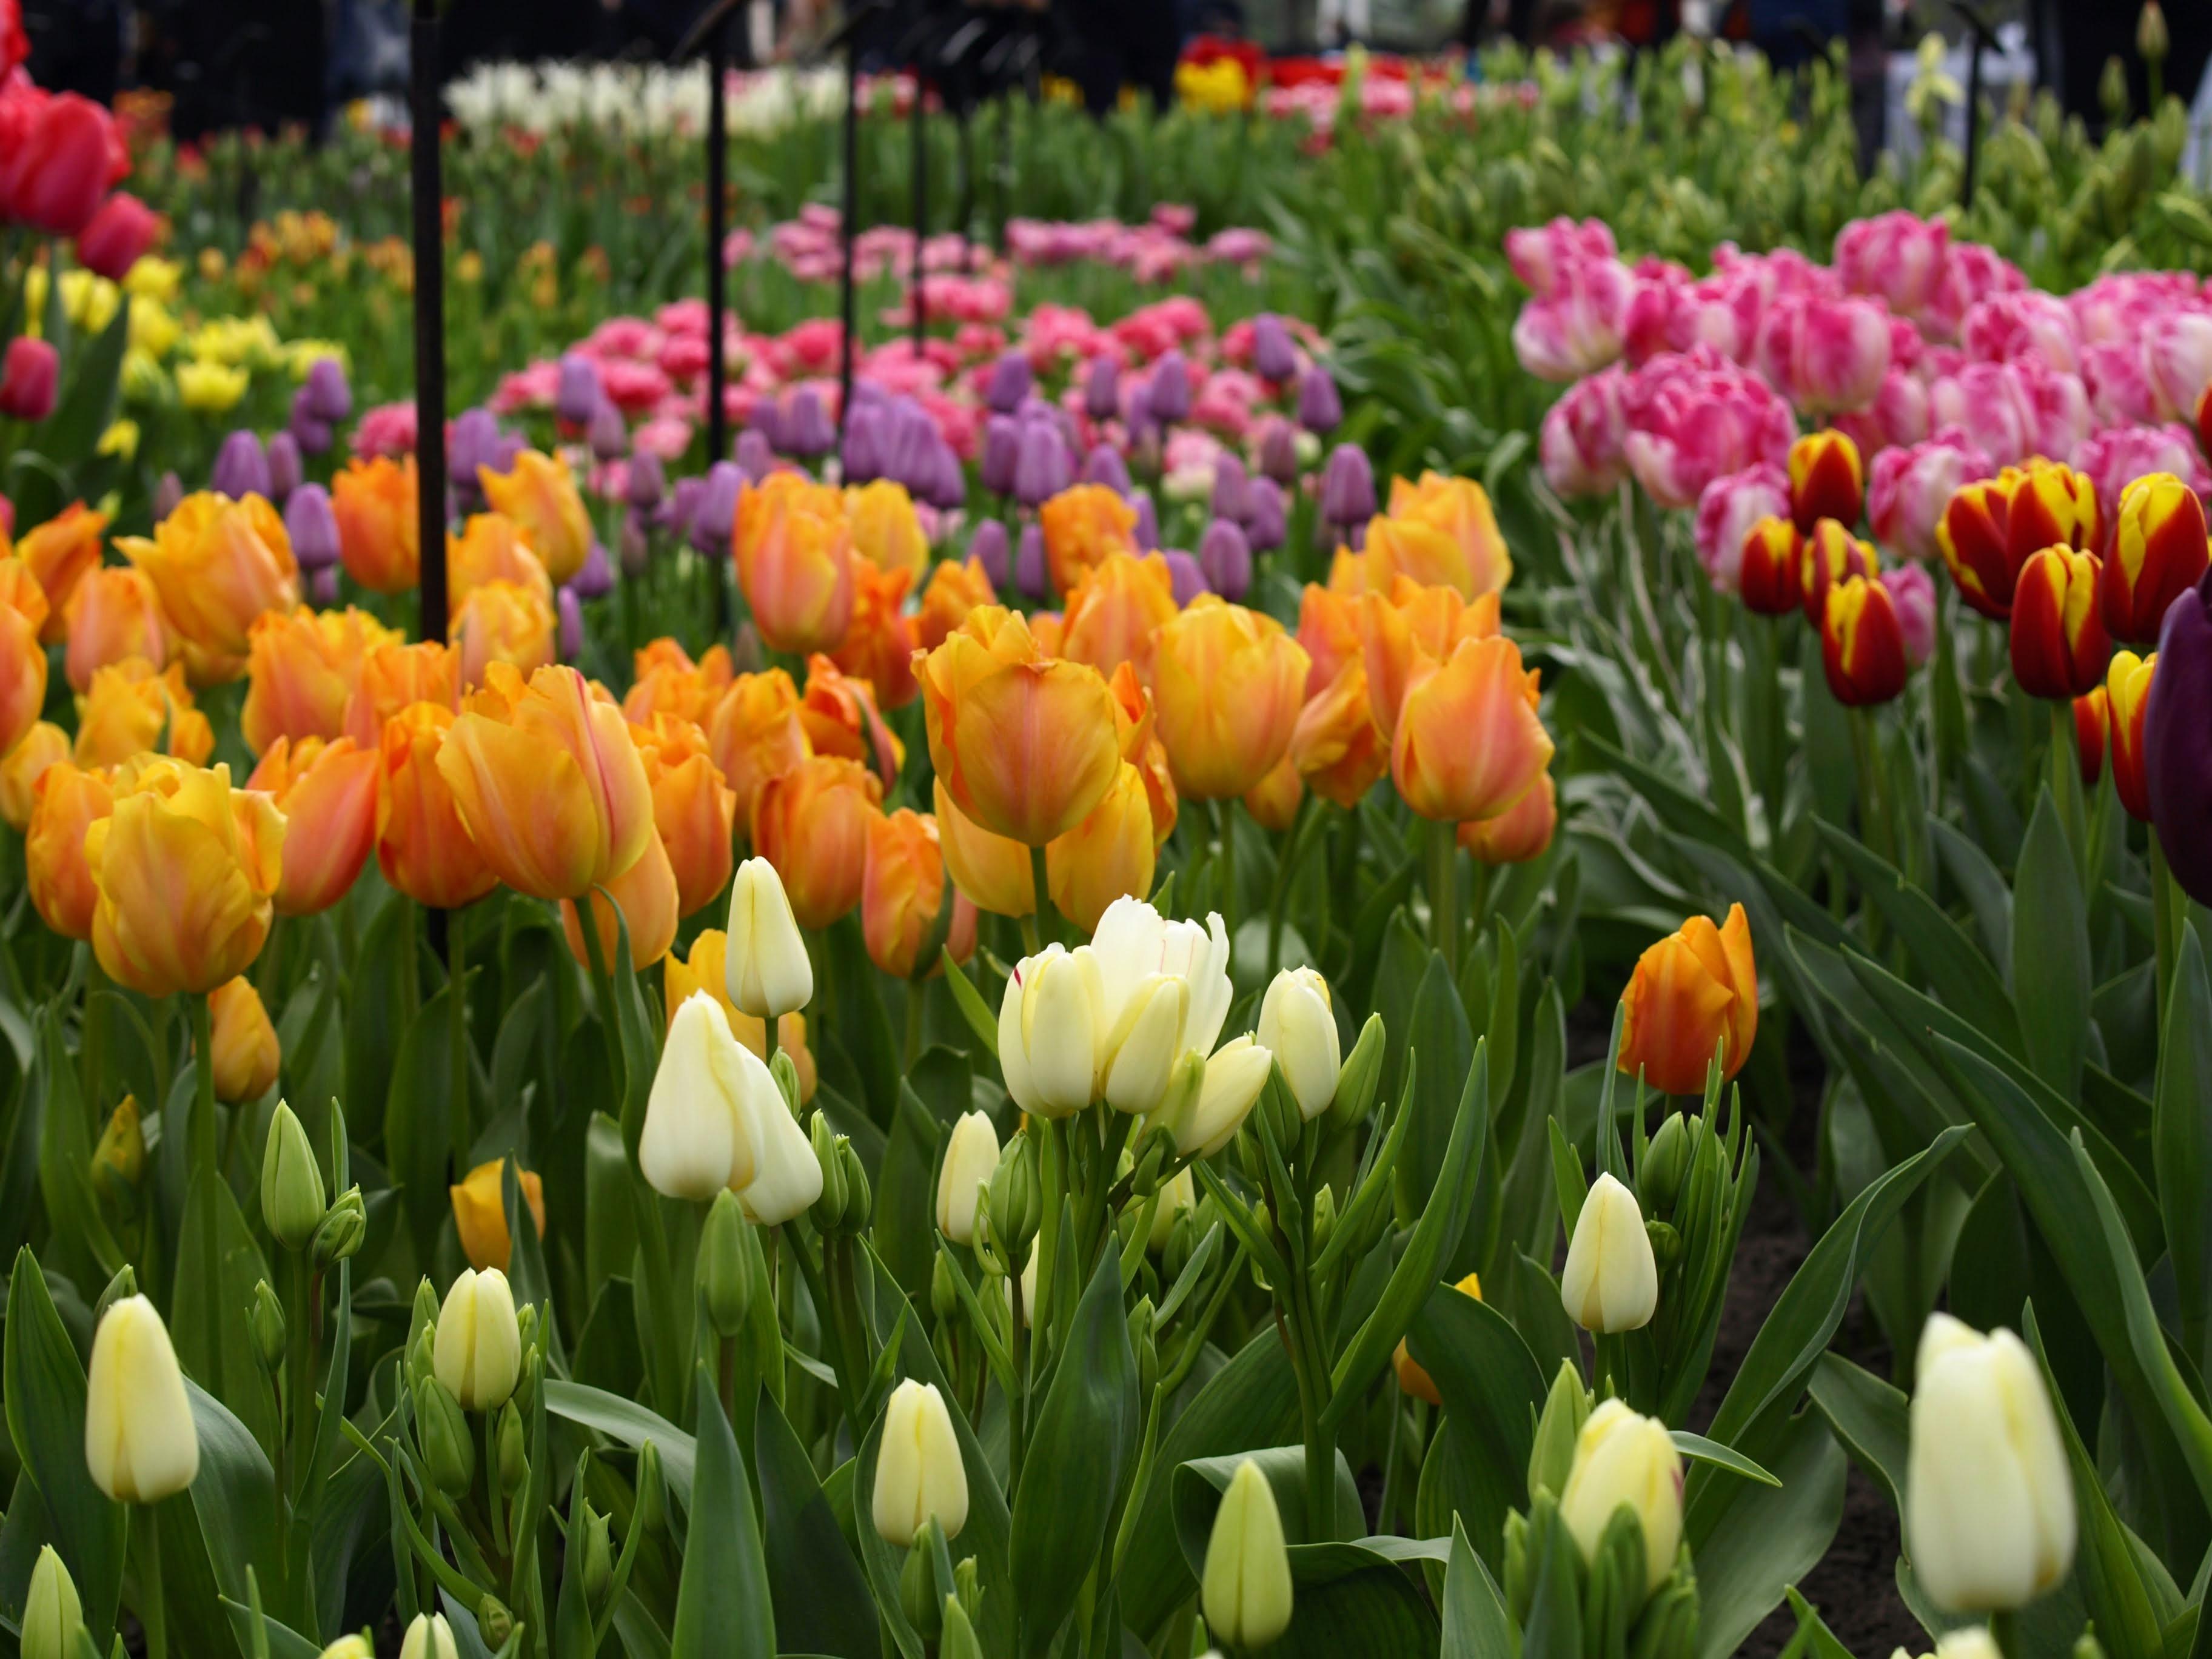 Skleník s tulipány, Keukenhof